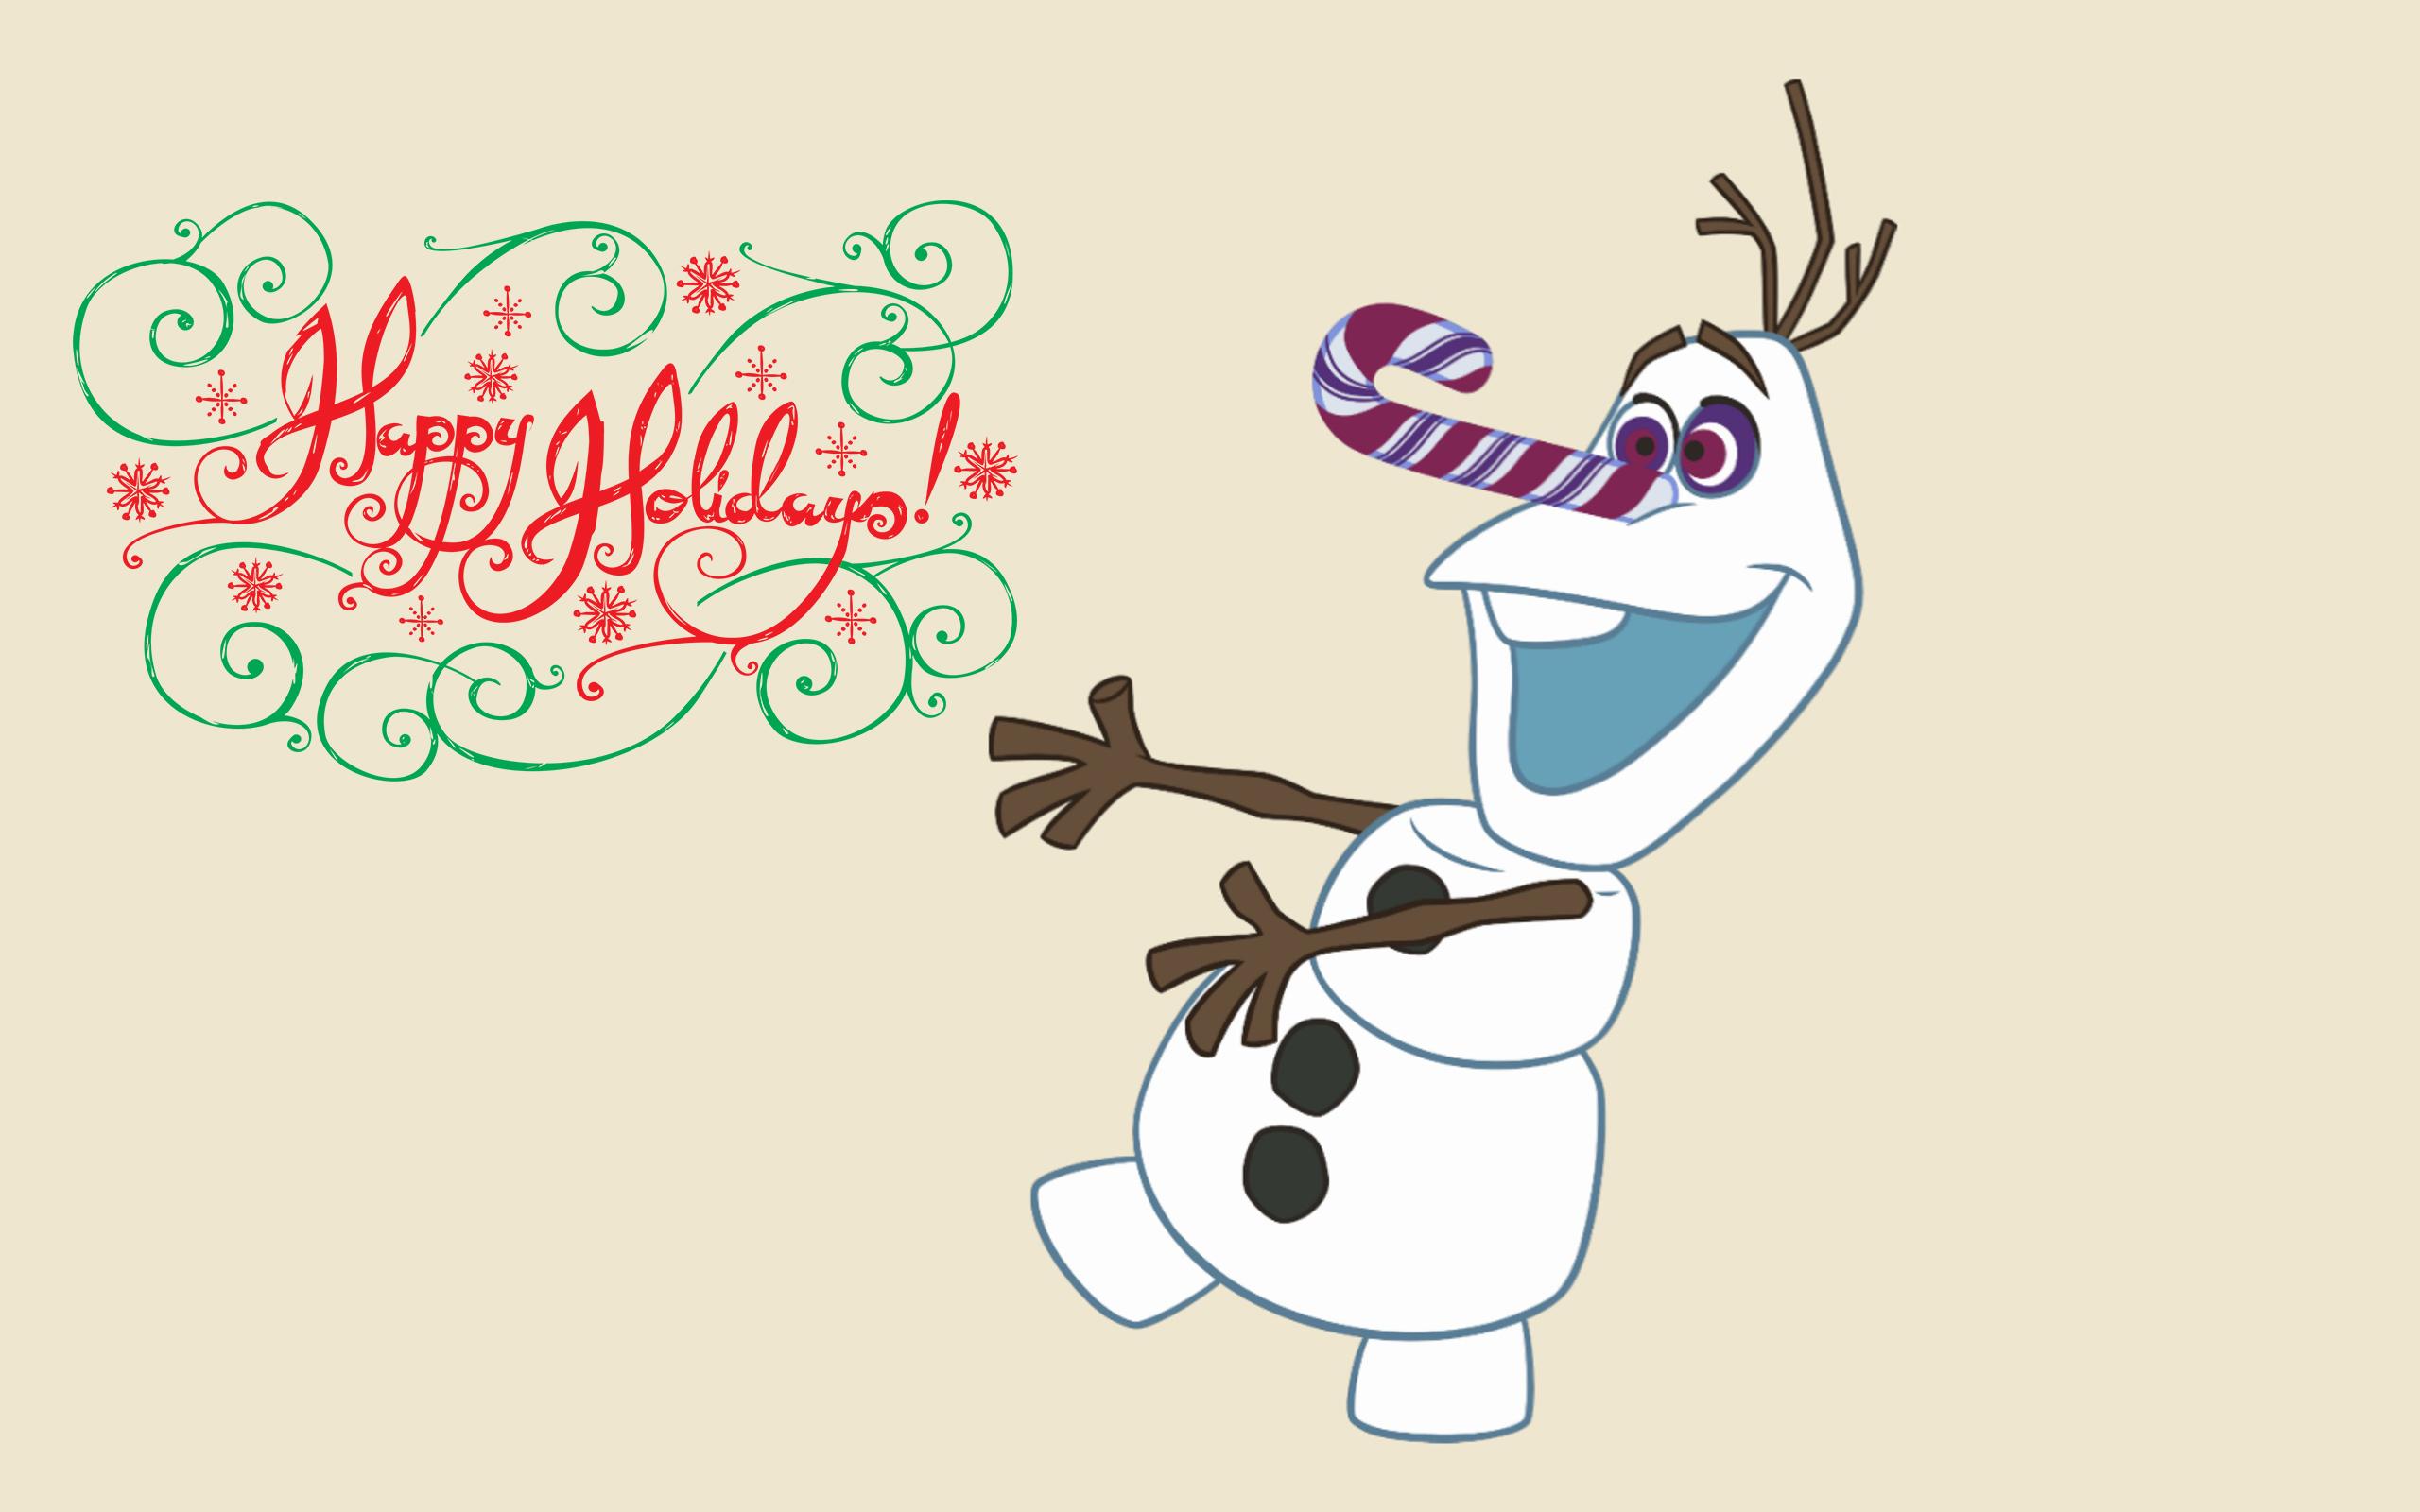 Olafs Frozen Adventure Wallpaper Frozen Wallpaper